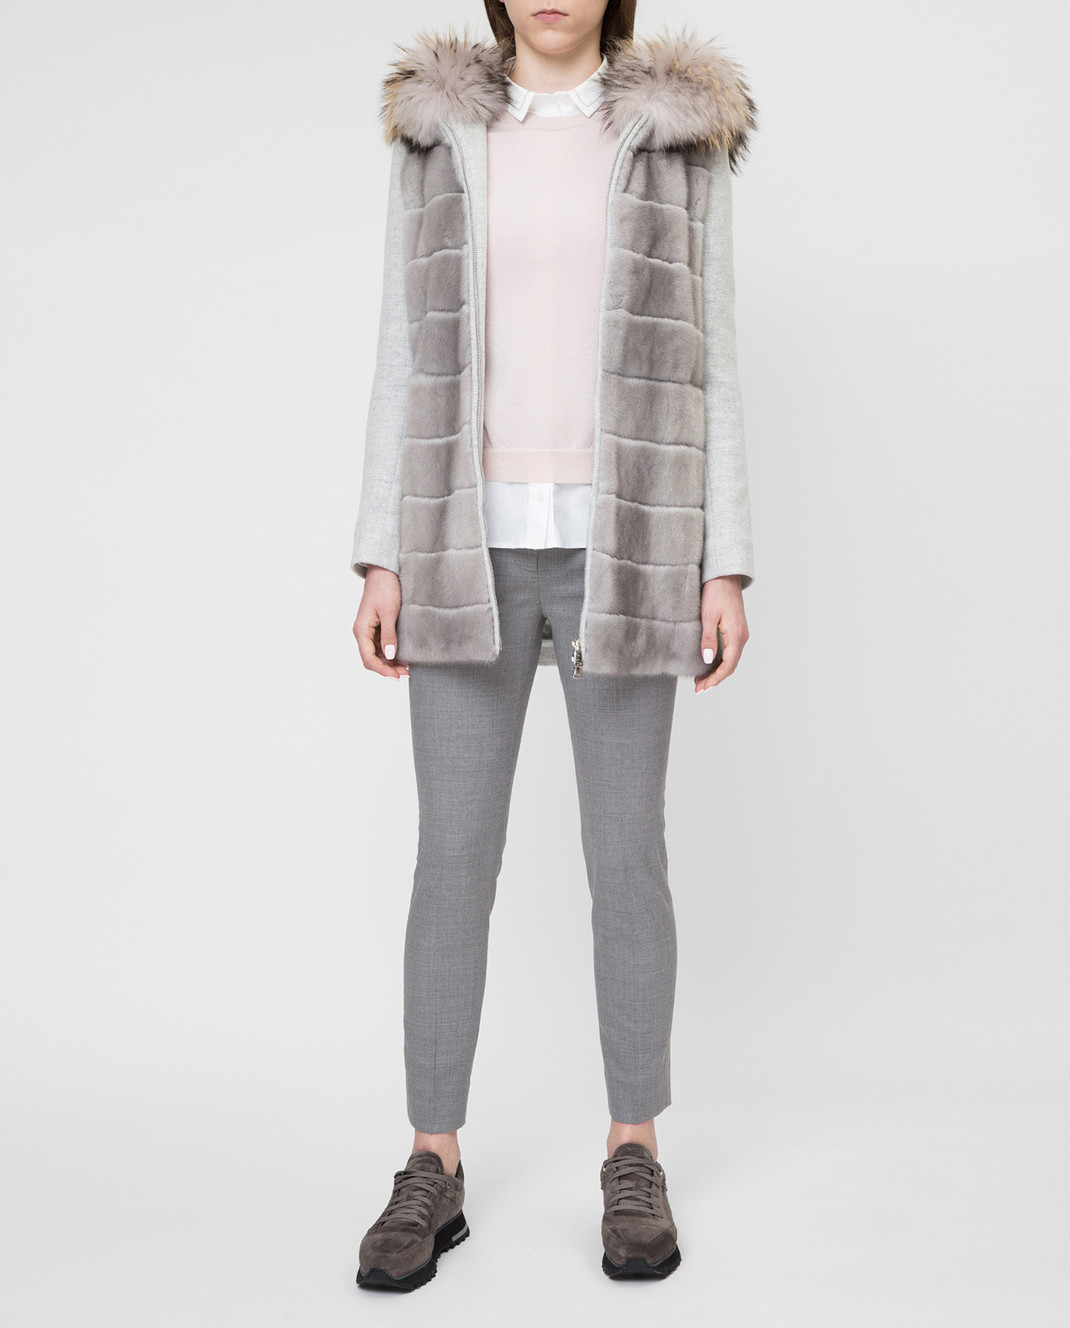 Real Furs House Серое пальто с мехом енота 922RFH изображение 2